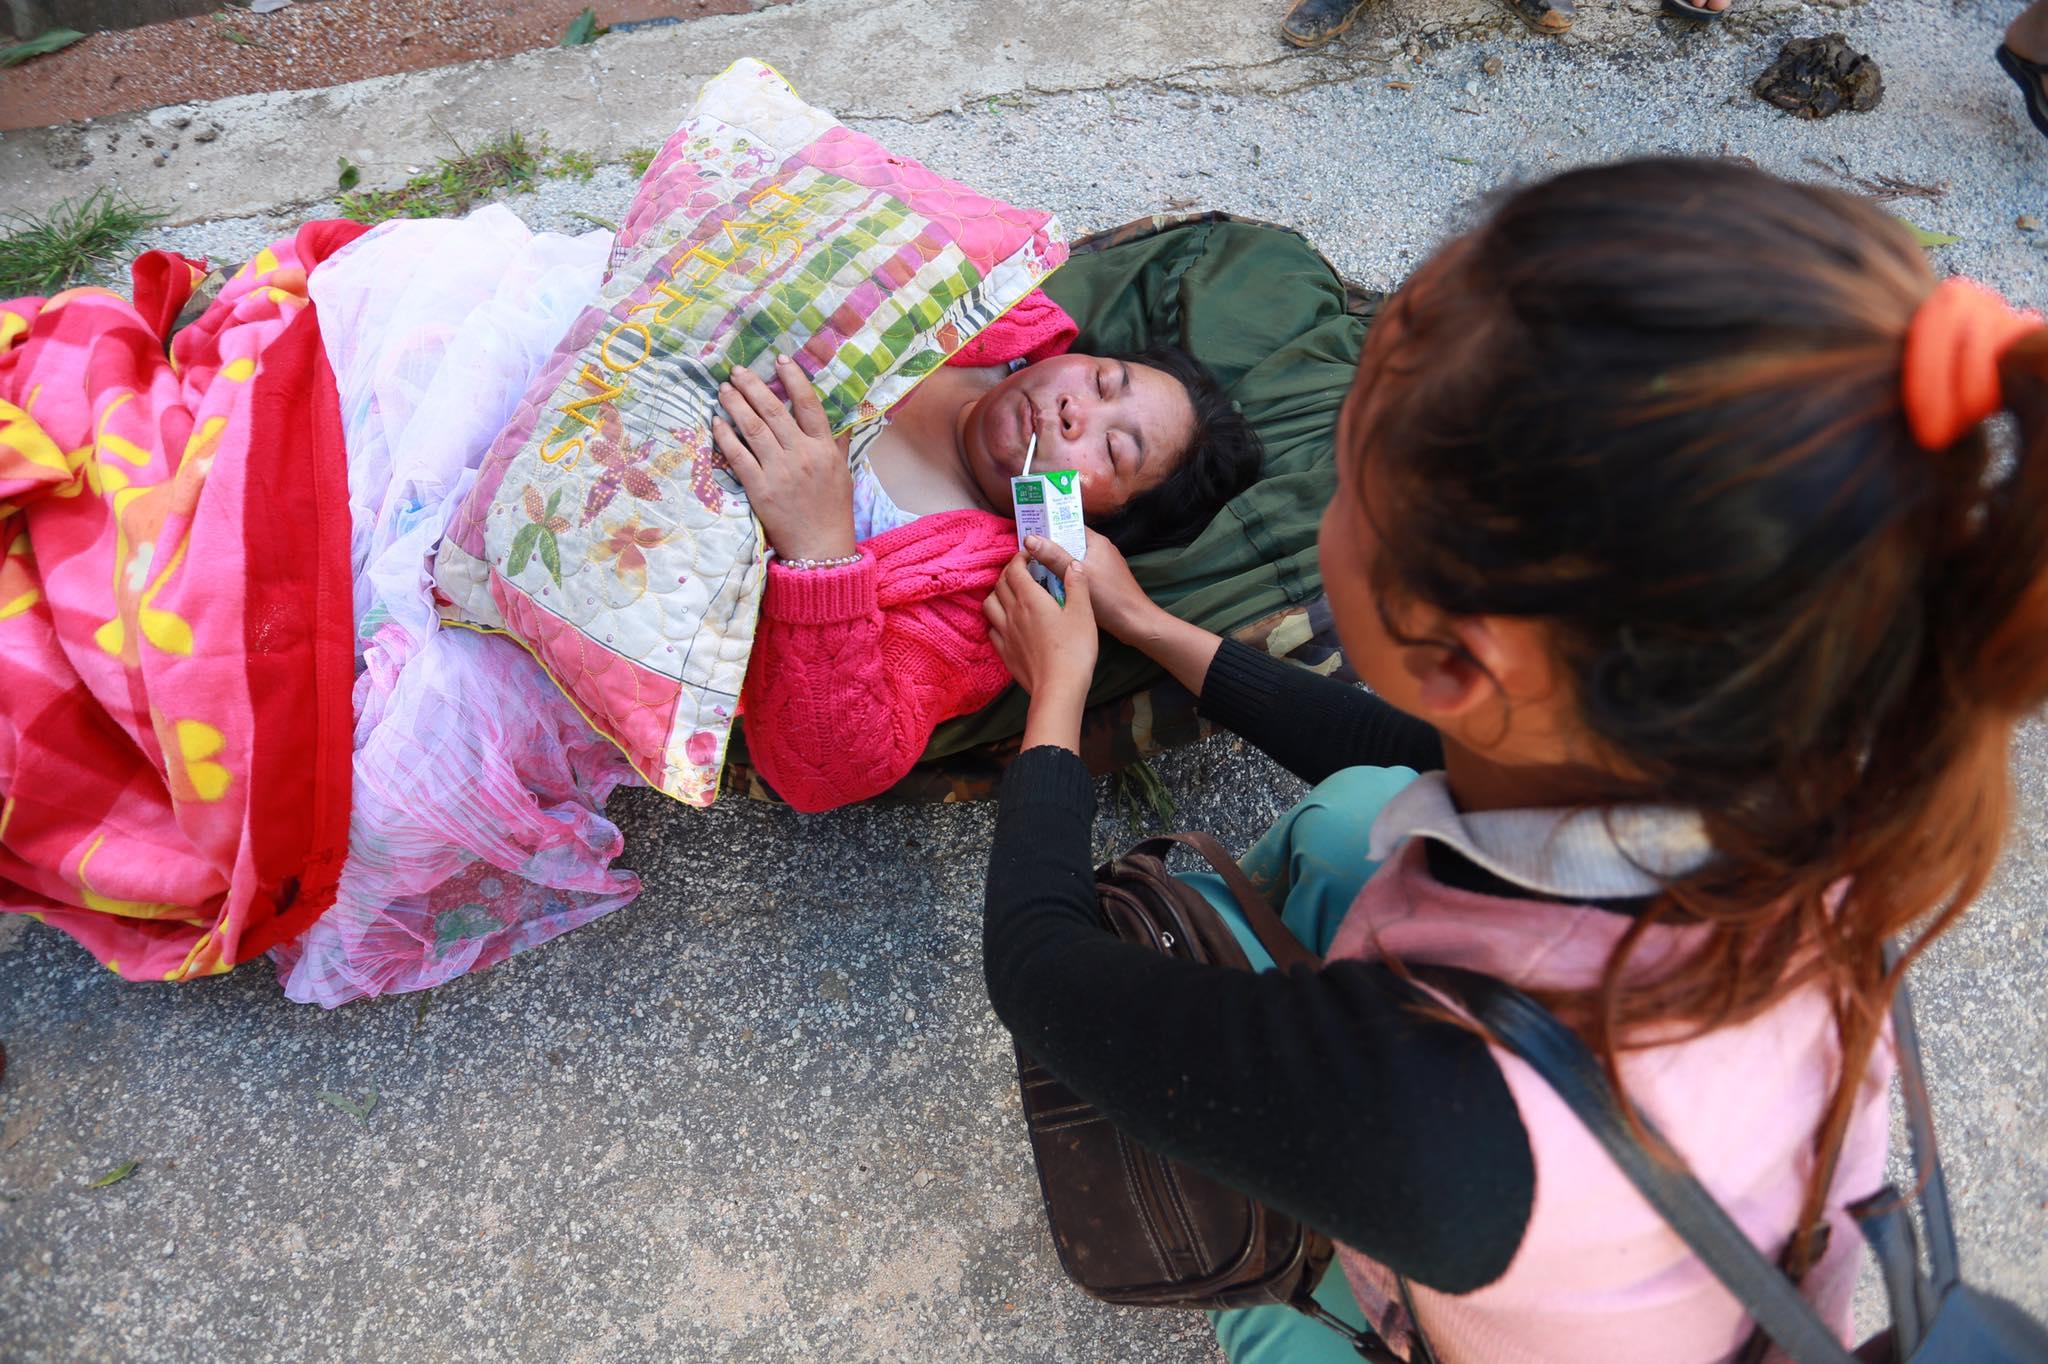 Ảnh cập nhật nóng từ hiện trường ở Trà Leng: 33 nạn nhân được đưa ra Quốc lộ bằng võng để cứu hộ y tế - Ảnh 8.